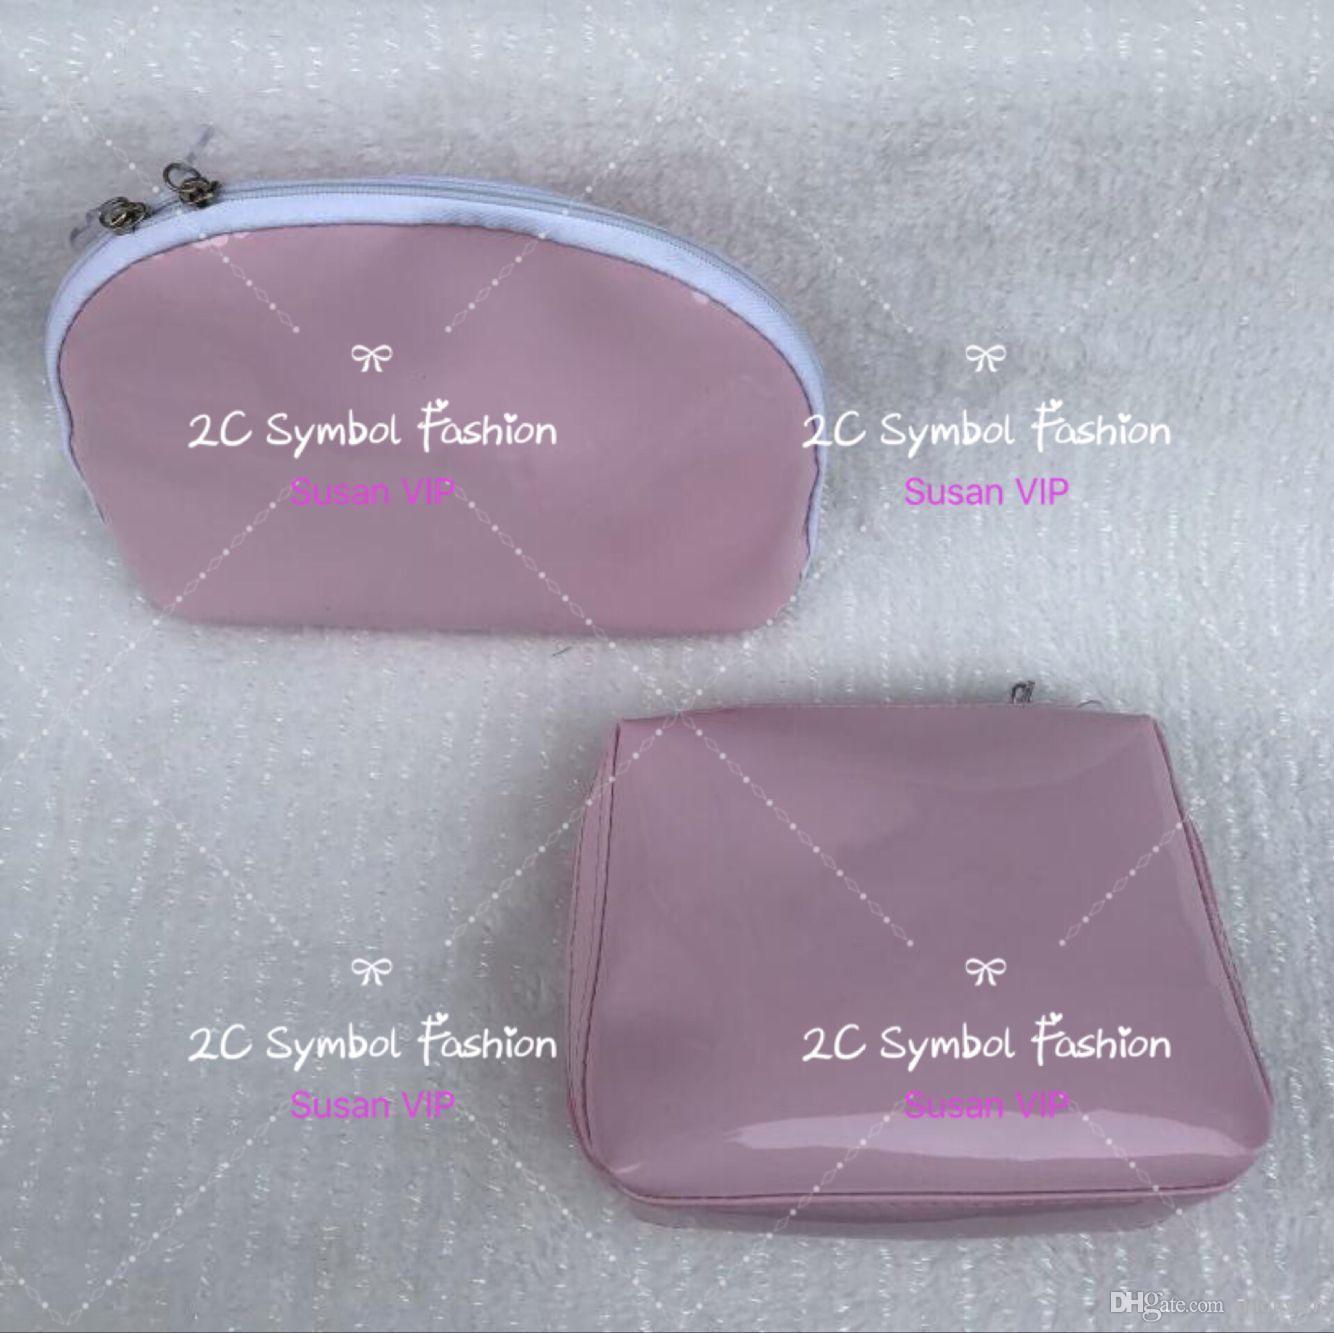 이 개 가방 패션 여성 광택 핑크 화장품 주최자 더블 지퍼 고전 메이크업 가방 명품 디자이너 핸드백 카운터 선물 크리스마스 선물 세트